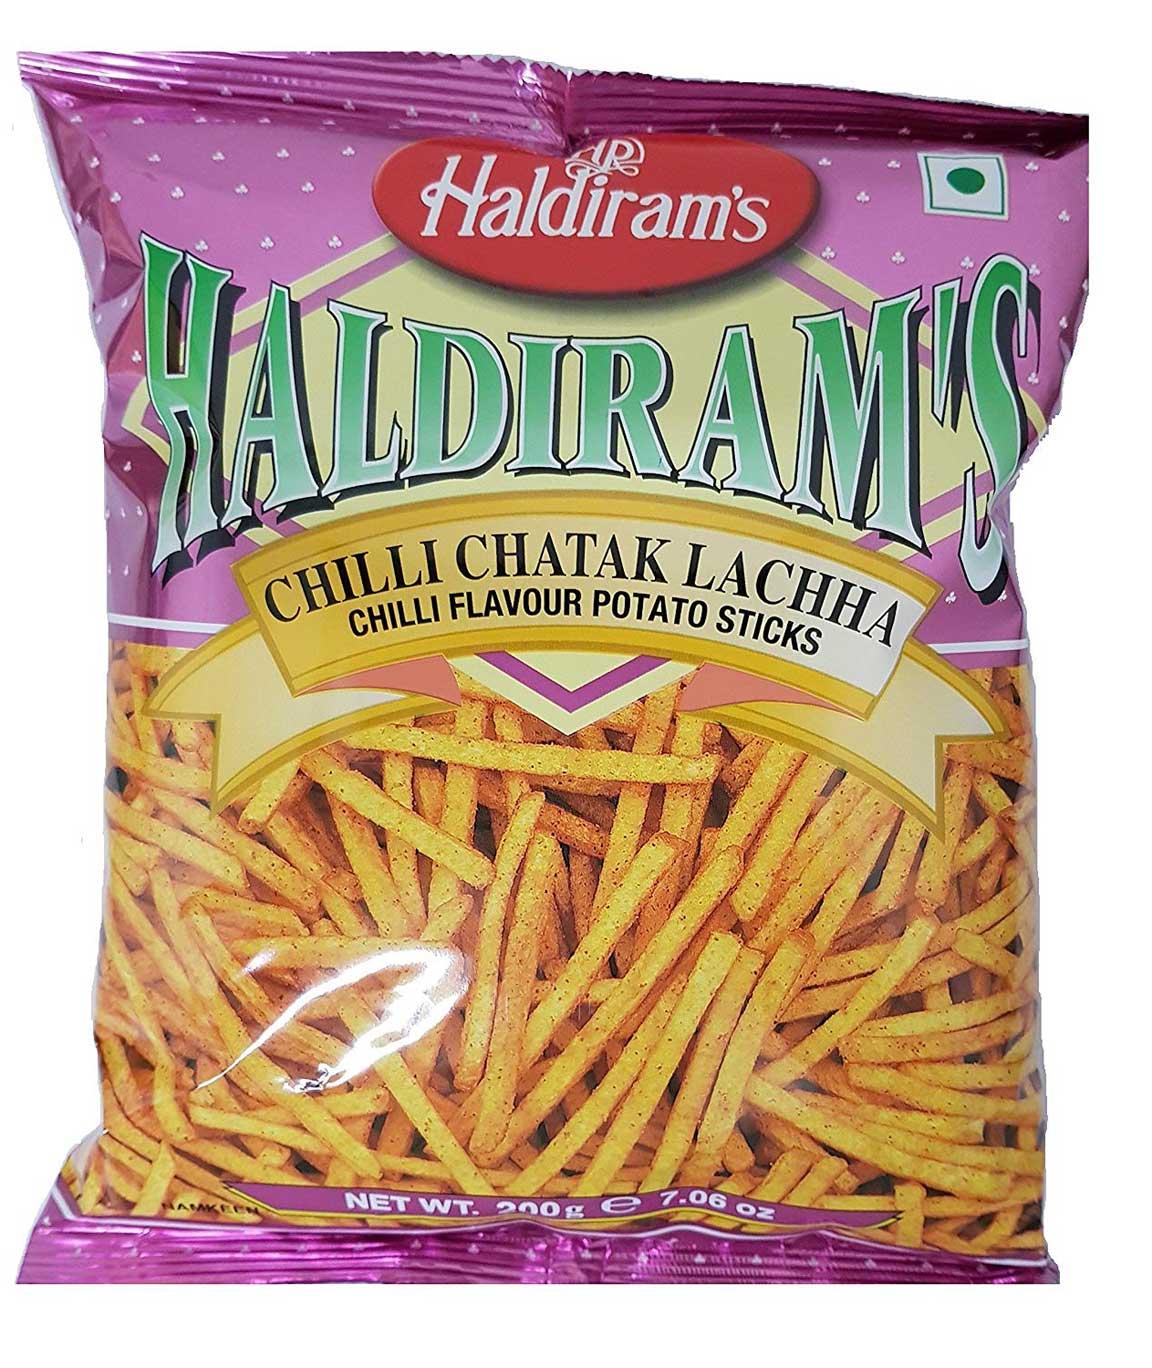 Haldiram`s Chilli Chatak Lachha, 200g